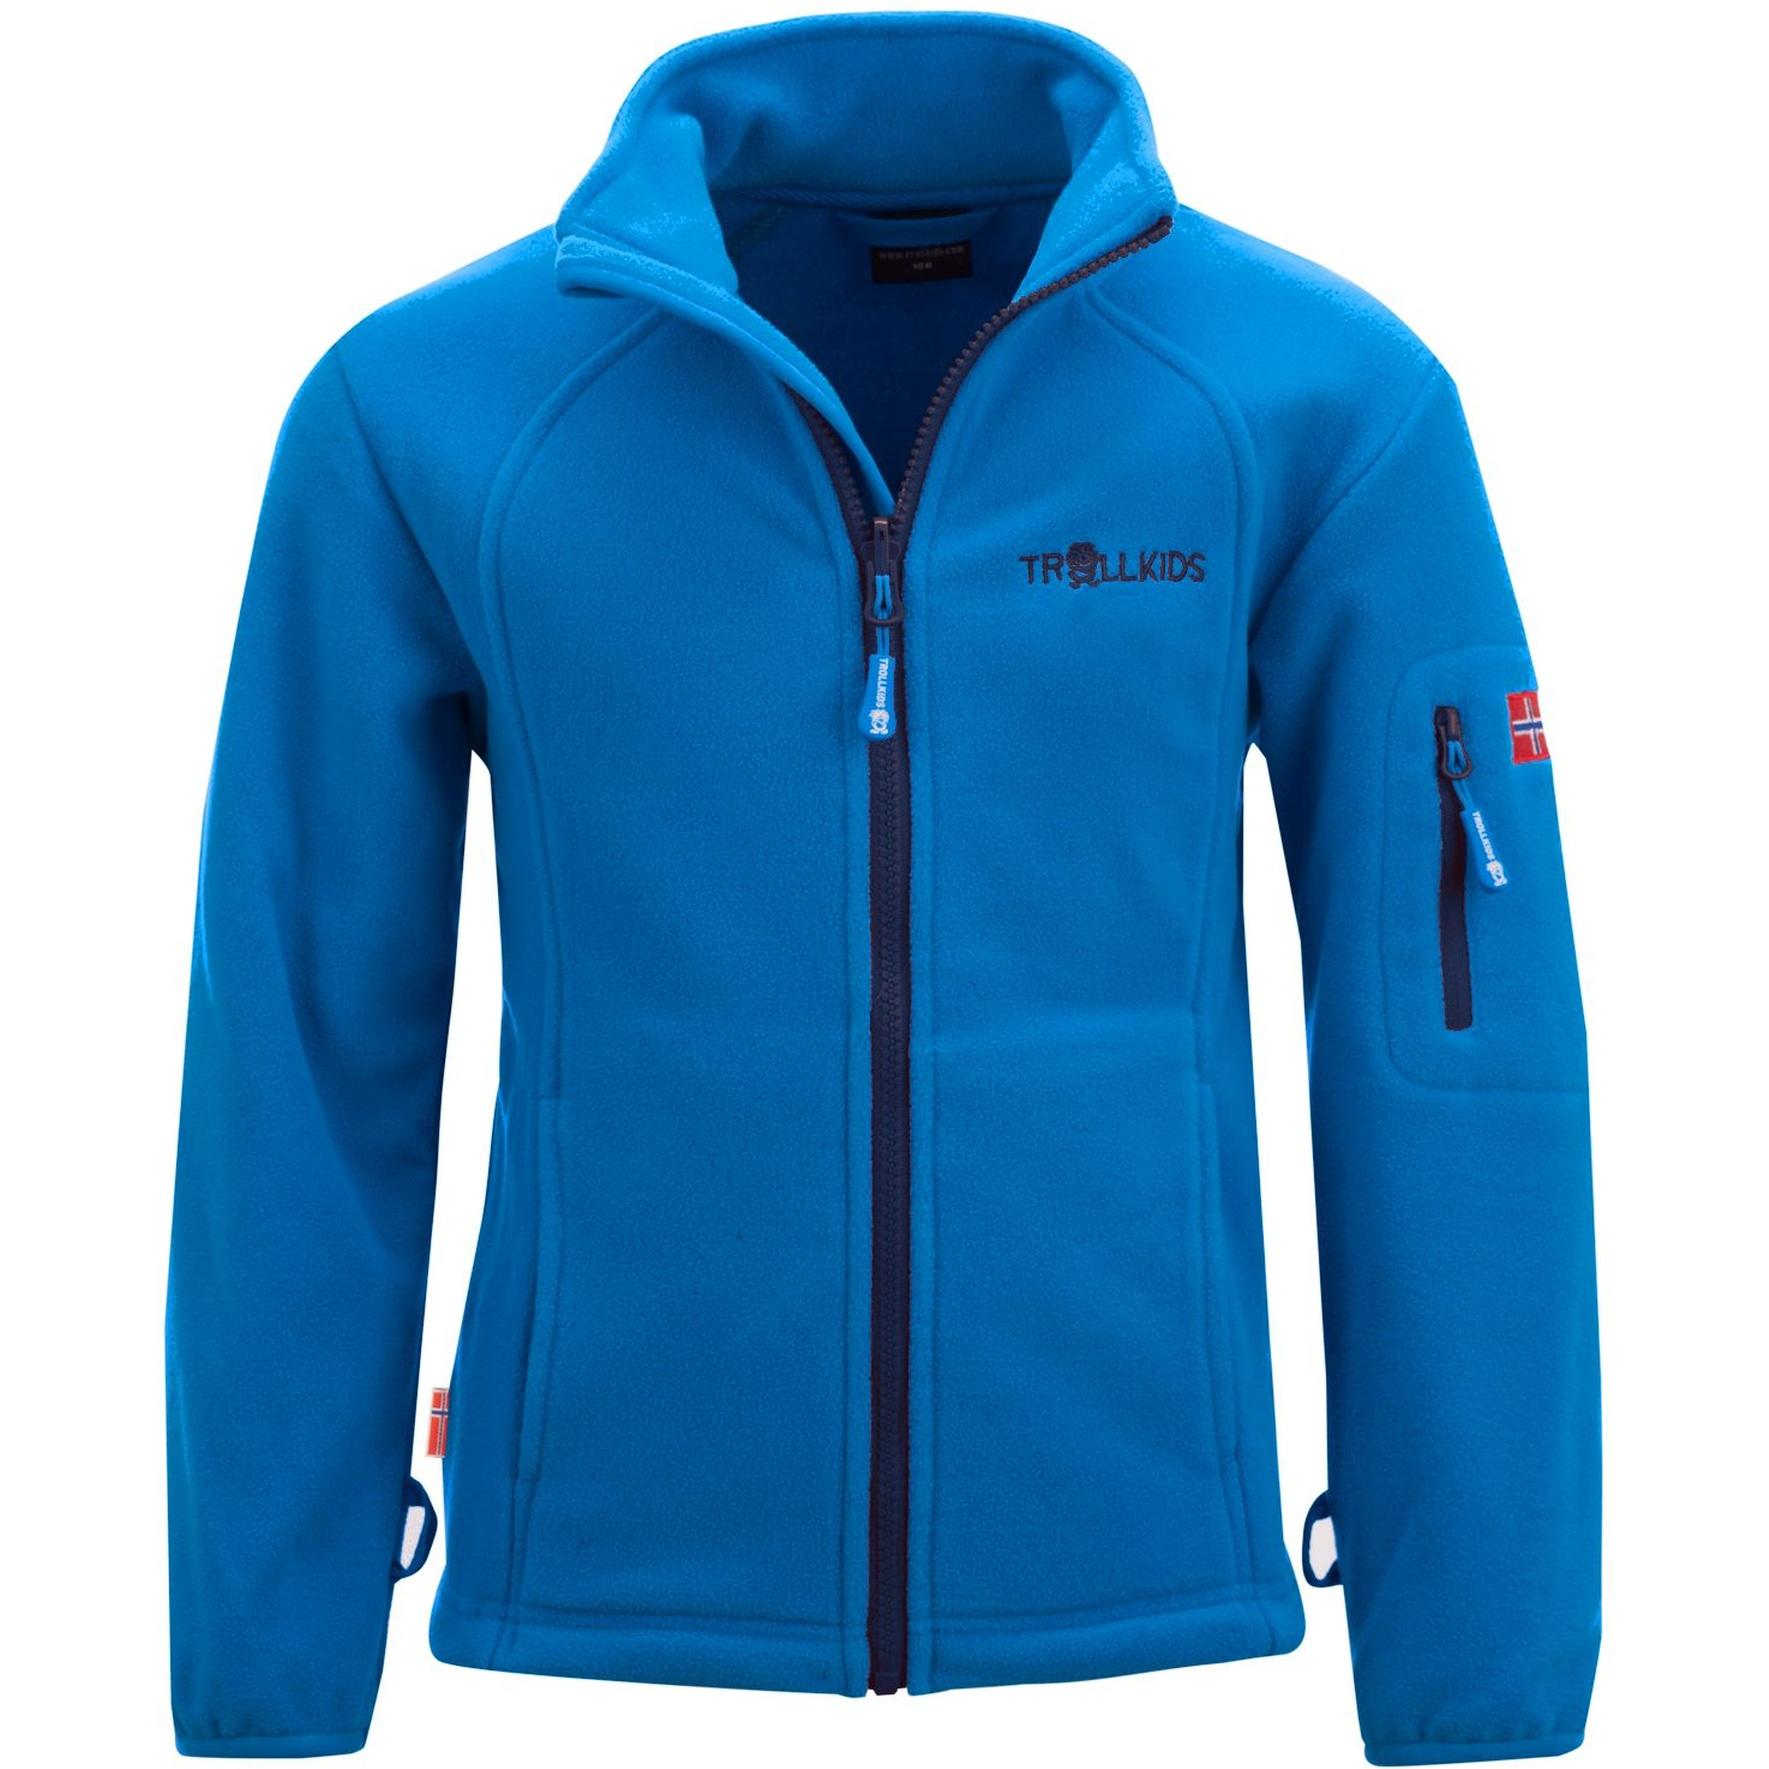 Produktbild von Trollkids Arendal PRO Kinder Fleece-Jacke - azure blue/navy